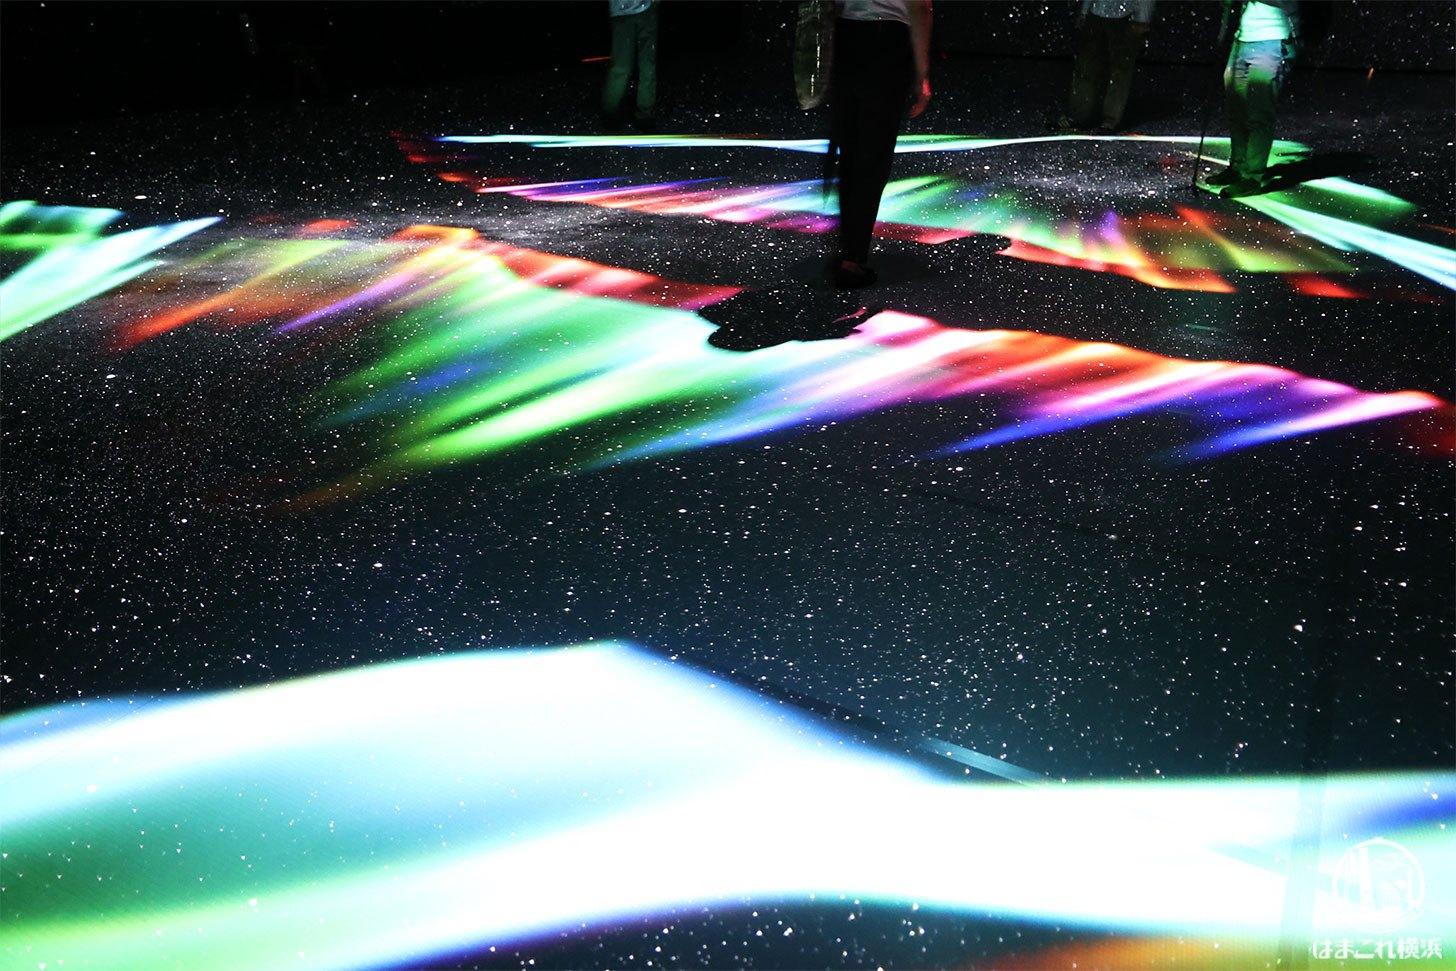 赤レンガ・アートプラネタリウム「星と歩く」オーロラ